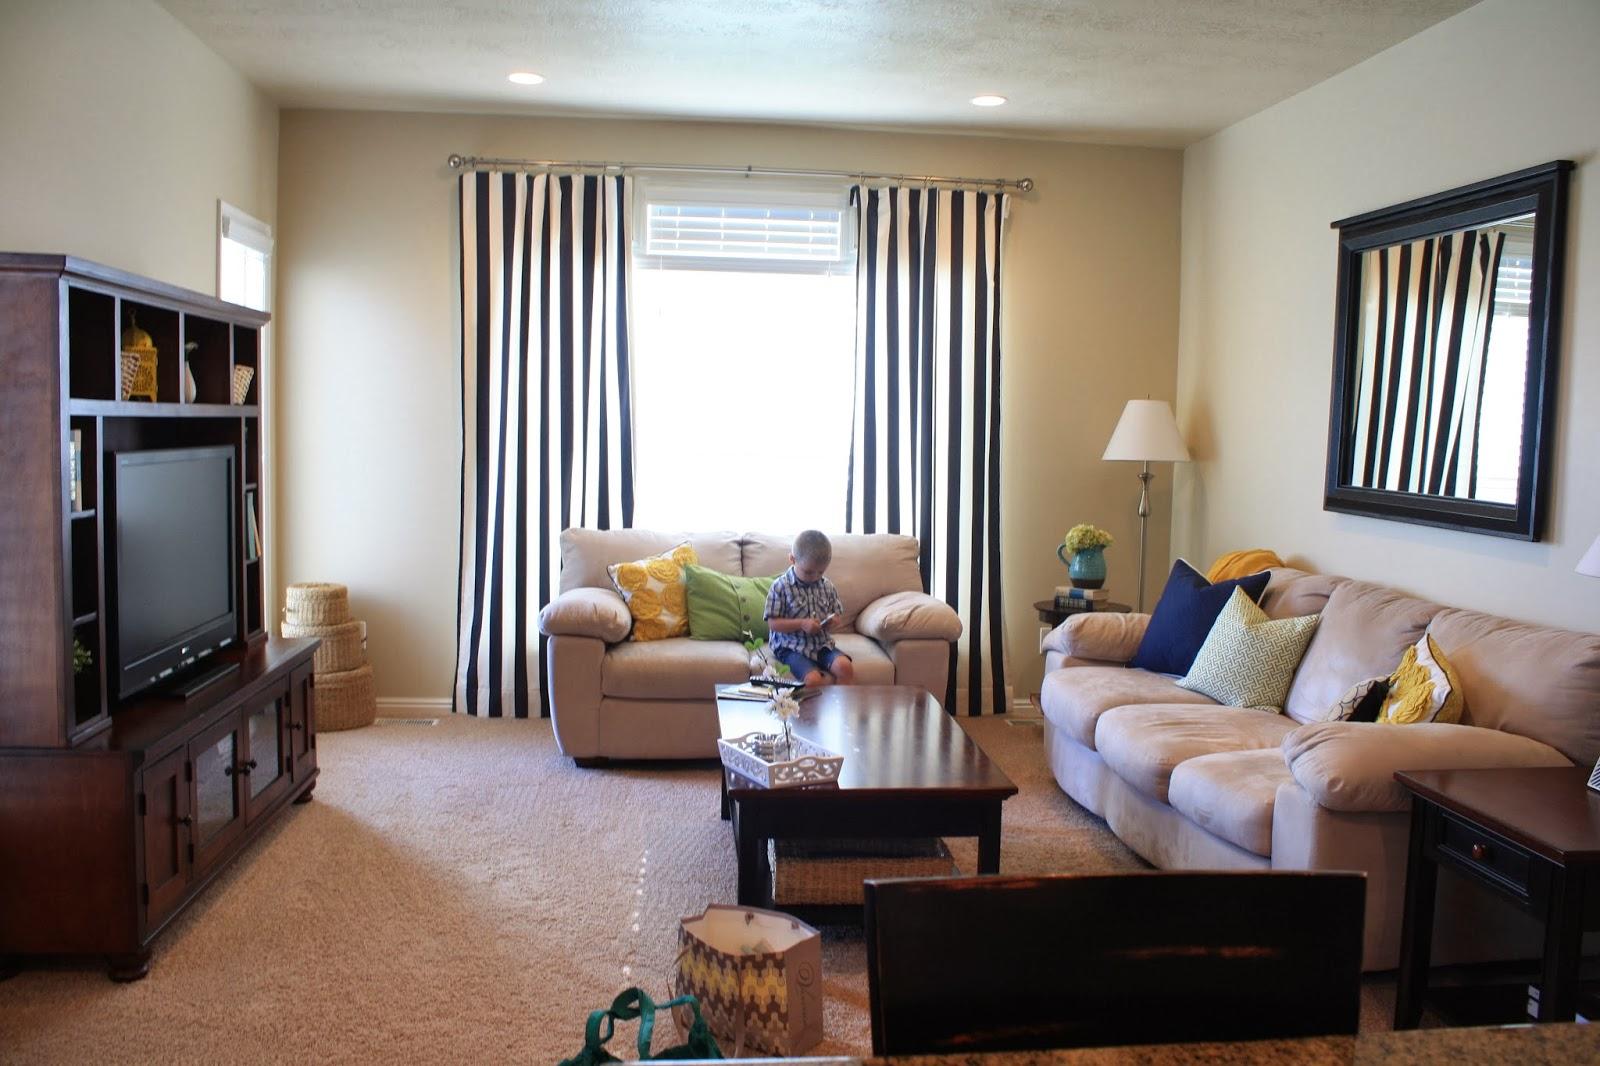 6th Street Design School | Kirsten Krason Interiors : Living Room